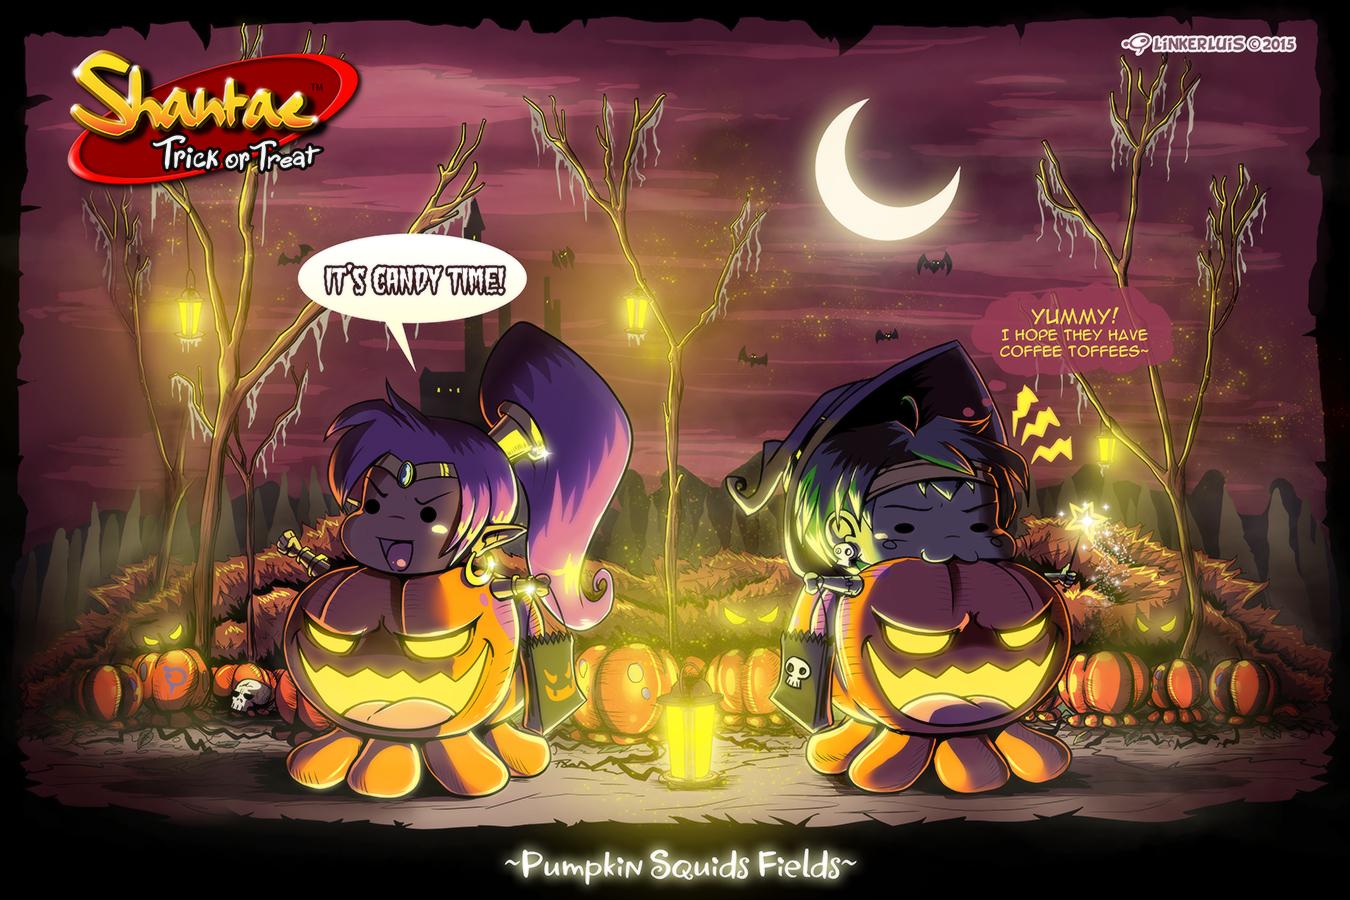 Shantae trick or treat